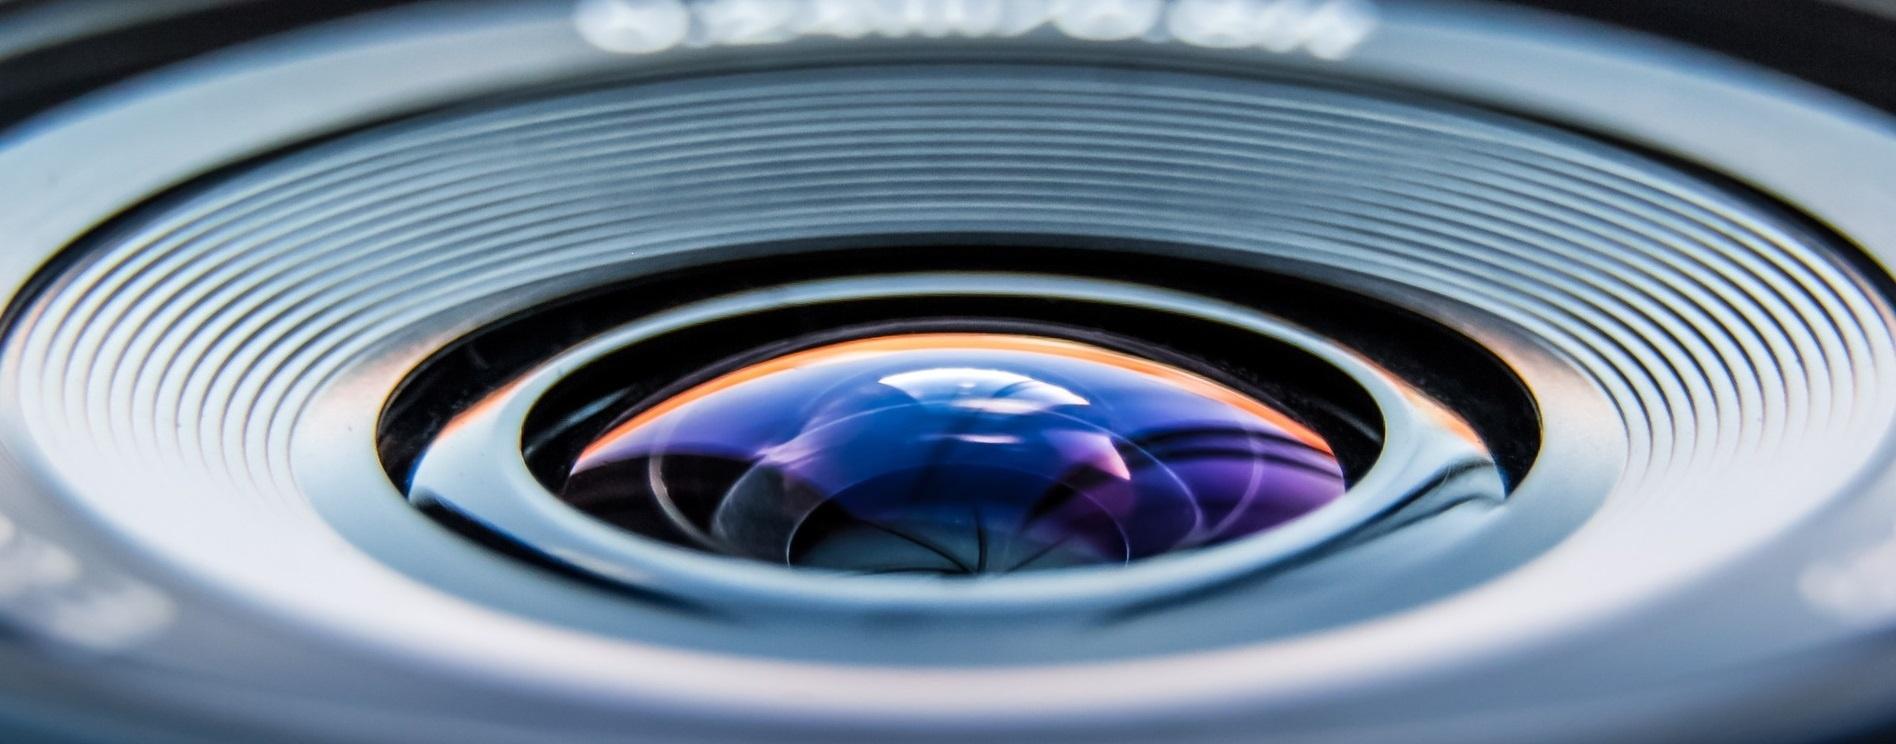 camera-932981_1920_pixabay_ausschnittjpg